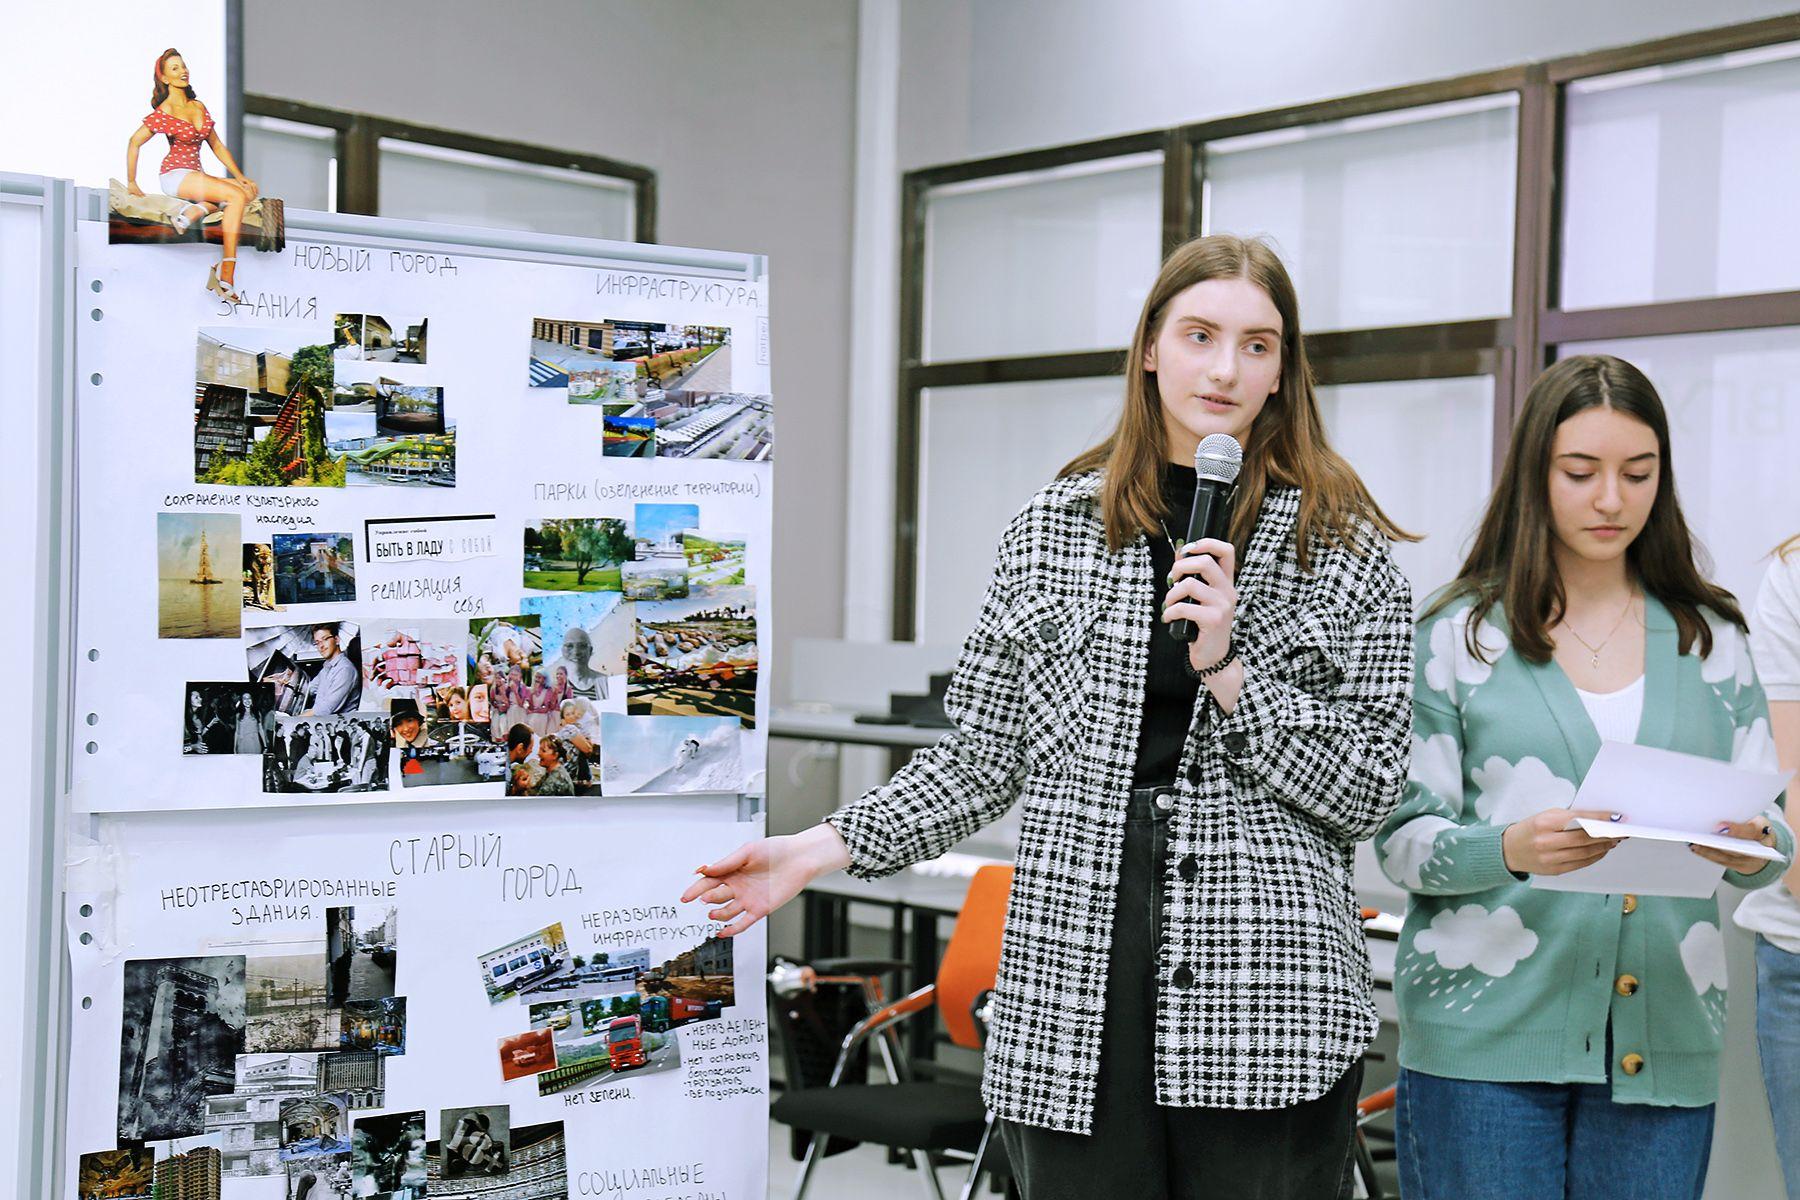 Успешность, деятельность, счастье: старшеклассники представили своё видение будущего Владивостока на форсайт-сессии во ВГУЭС